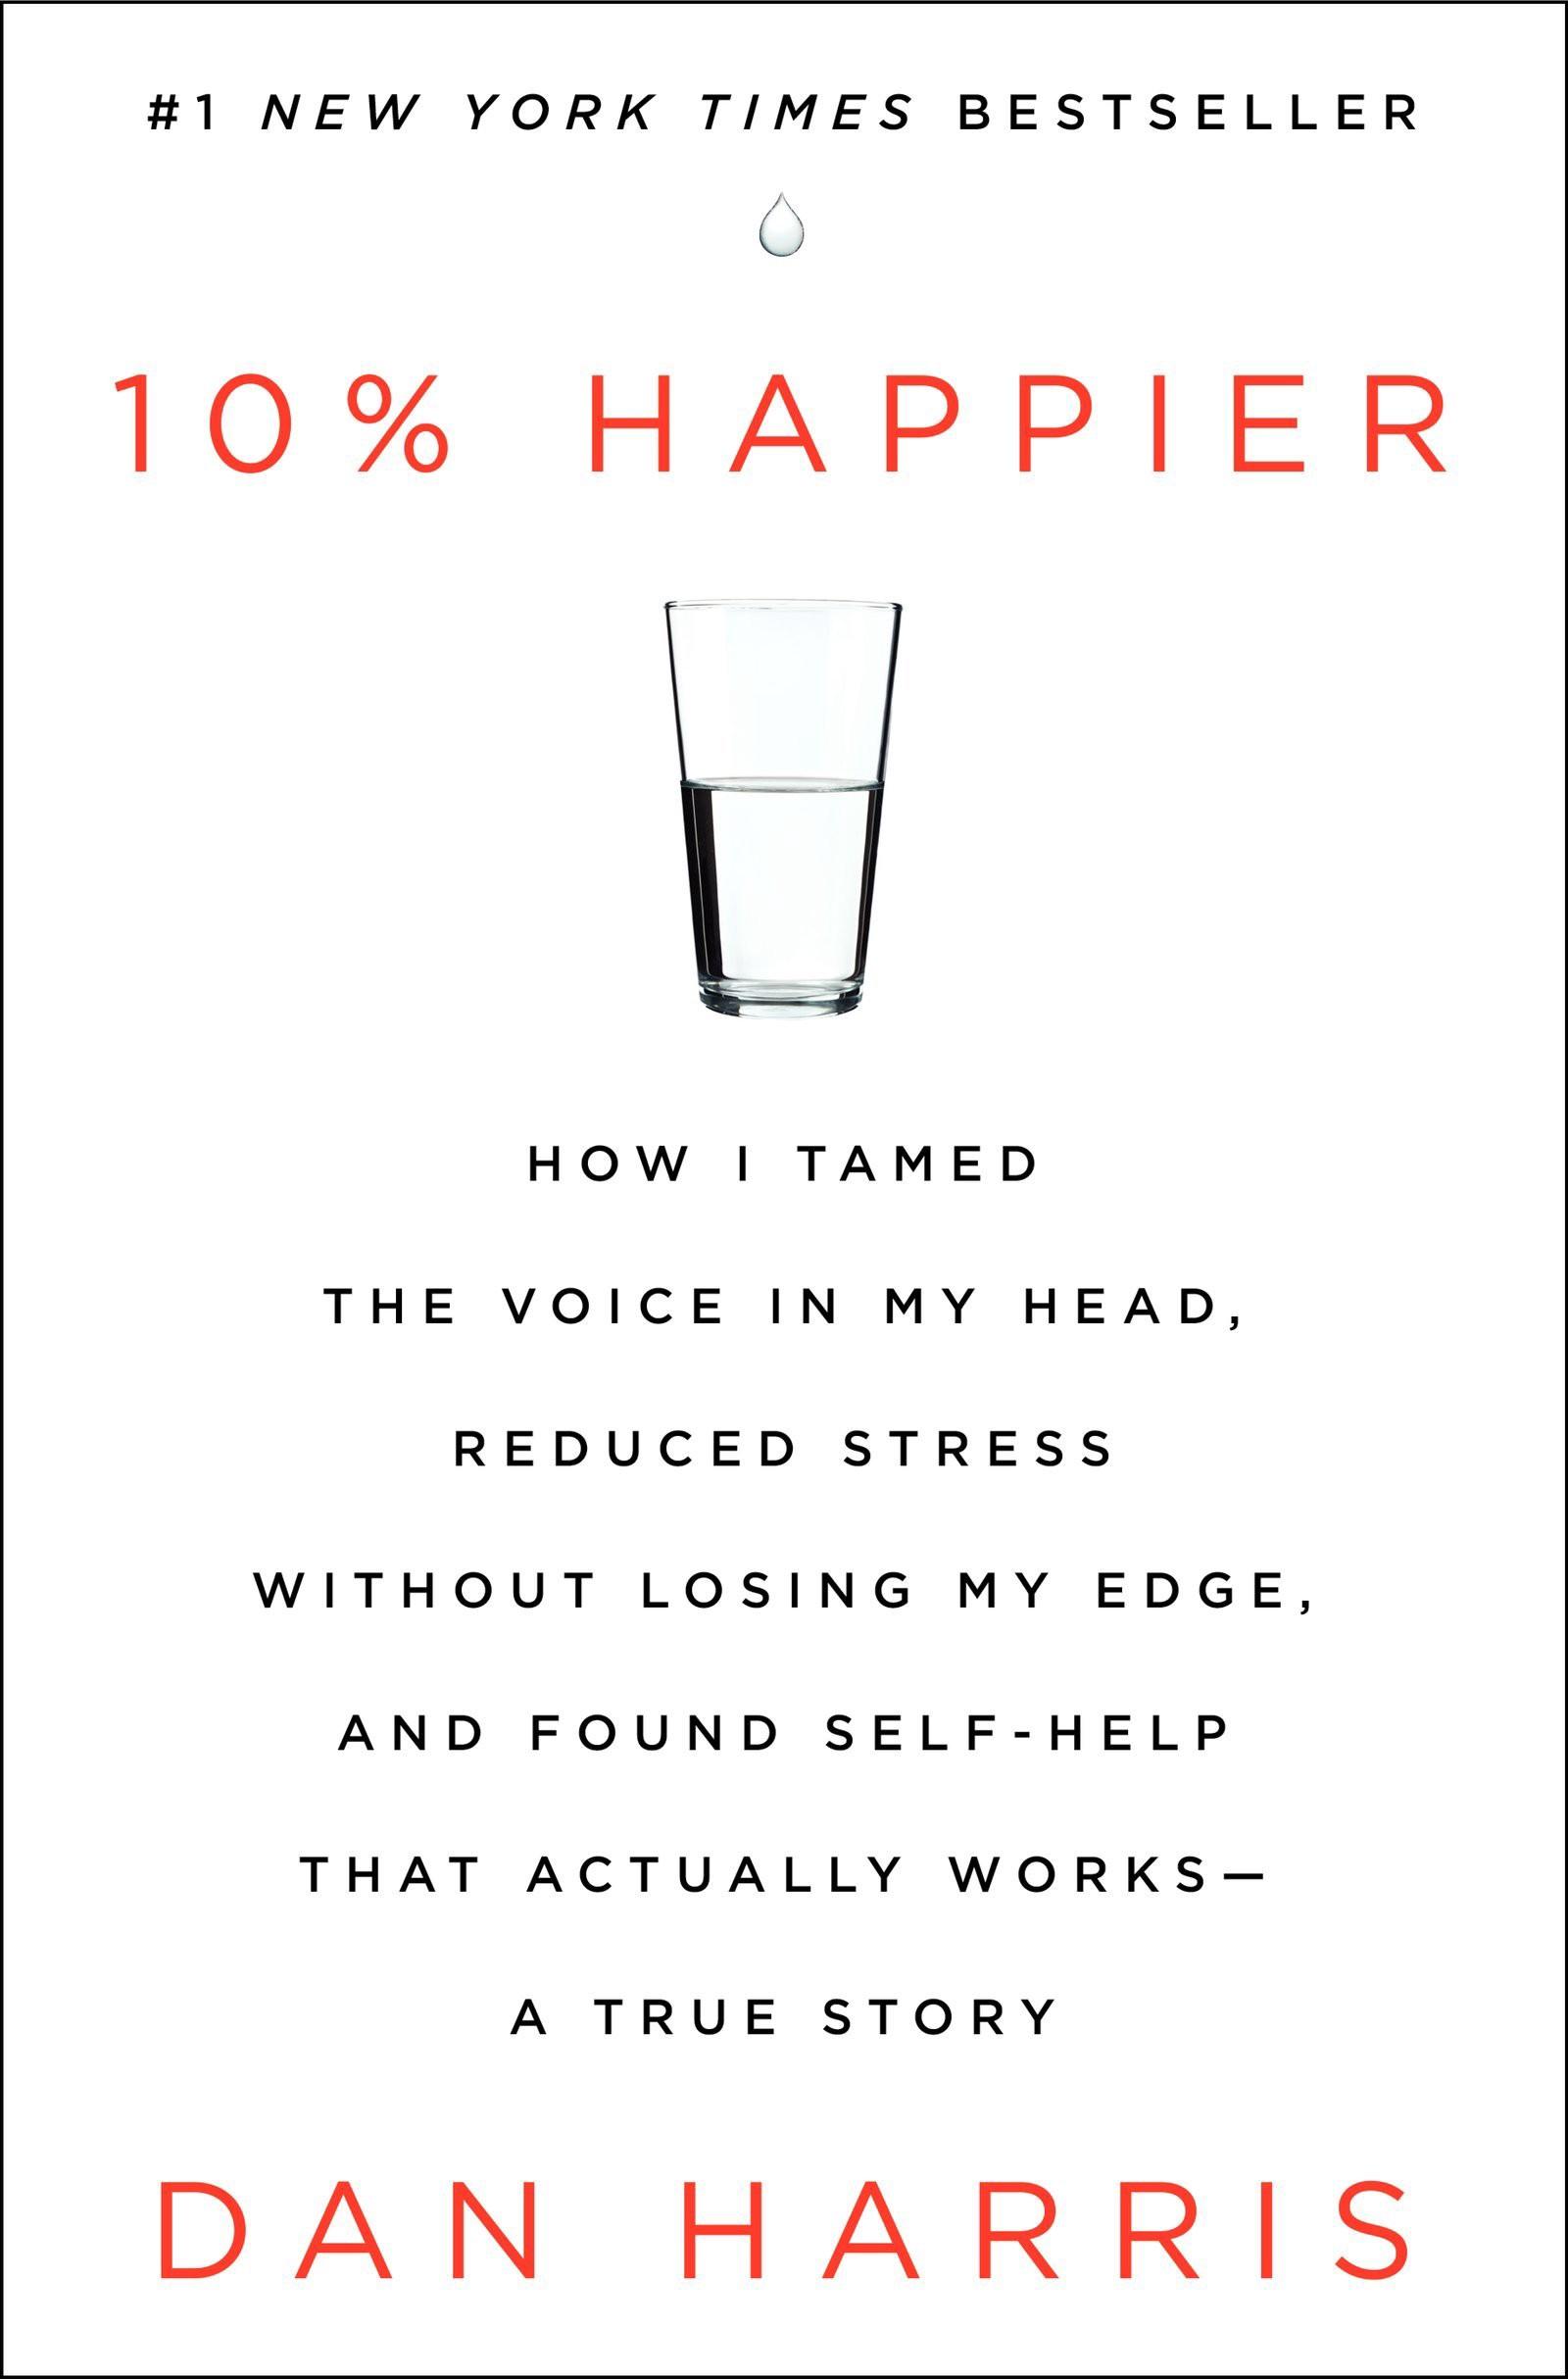 Dan Harris 10% happier (hi-res).jpg